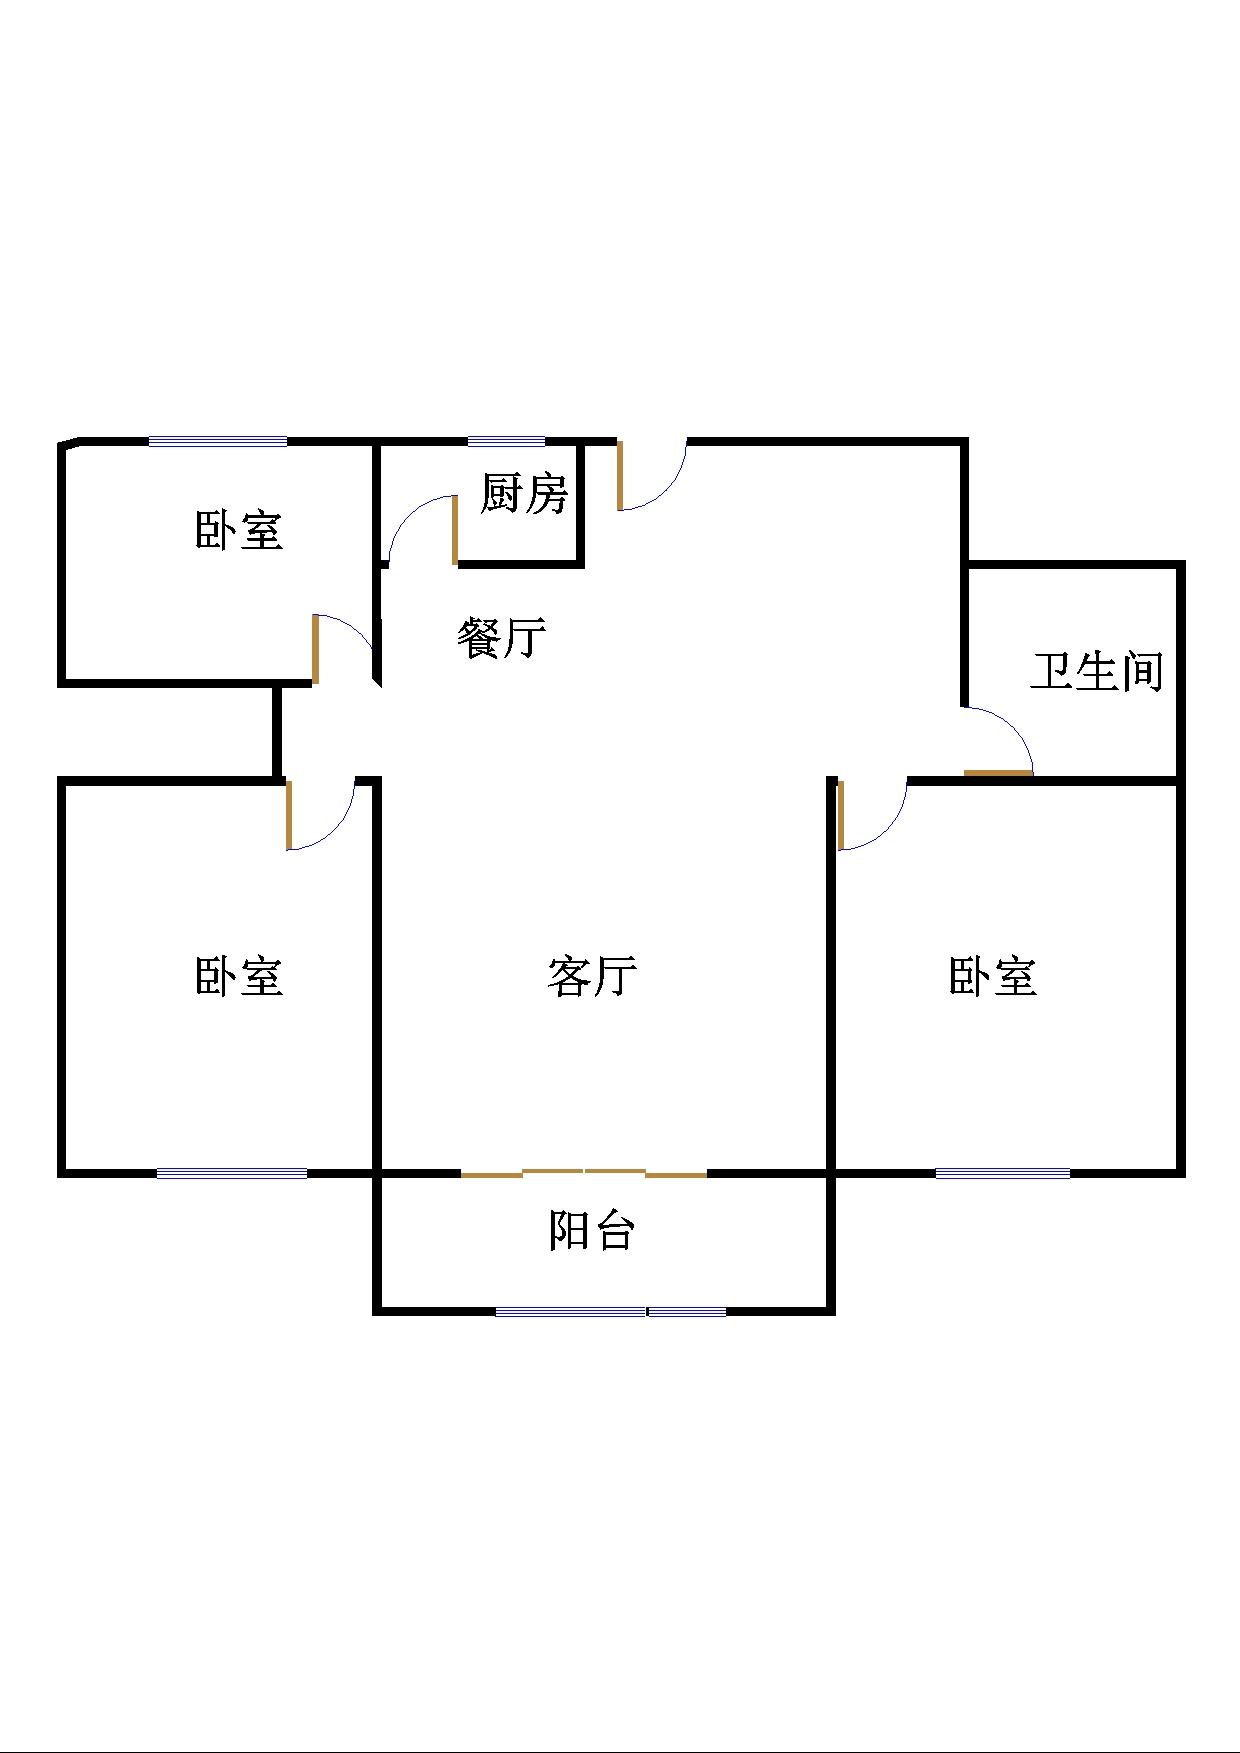 嘉城盛世 3室2厅 8楼